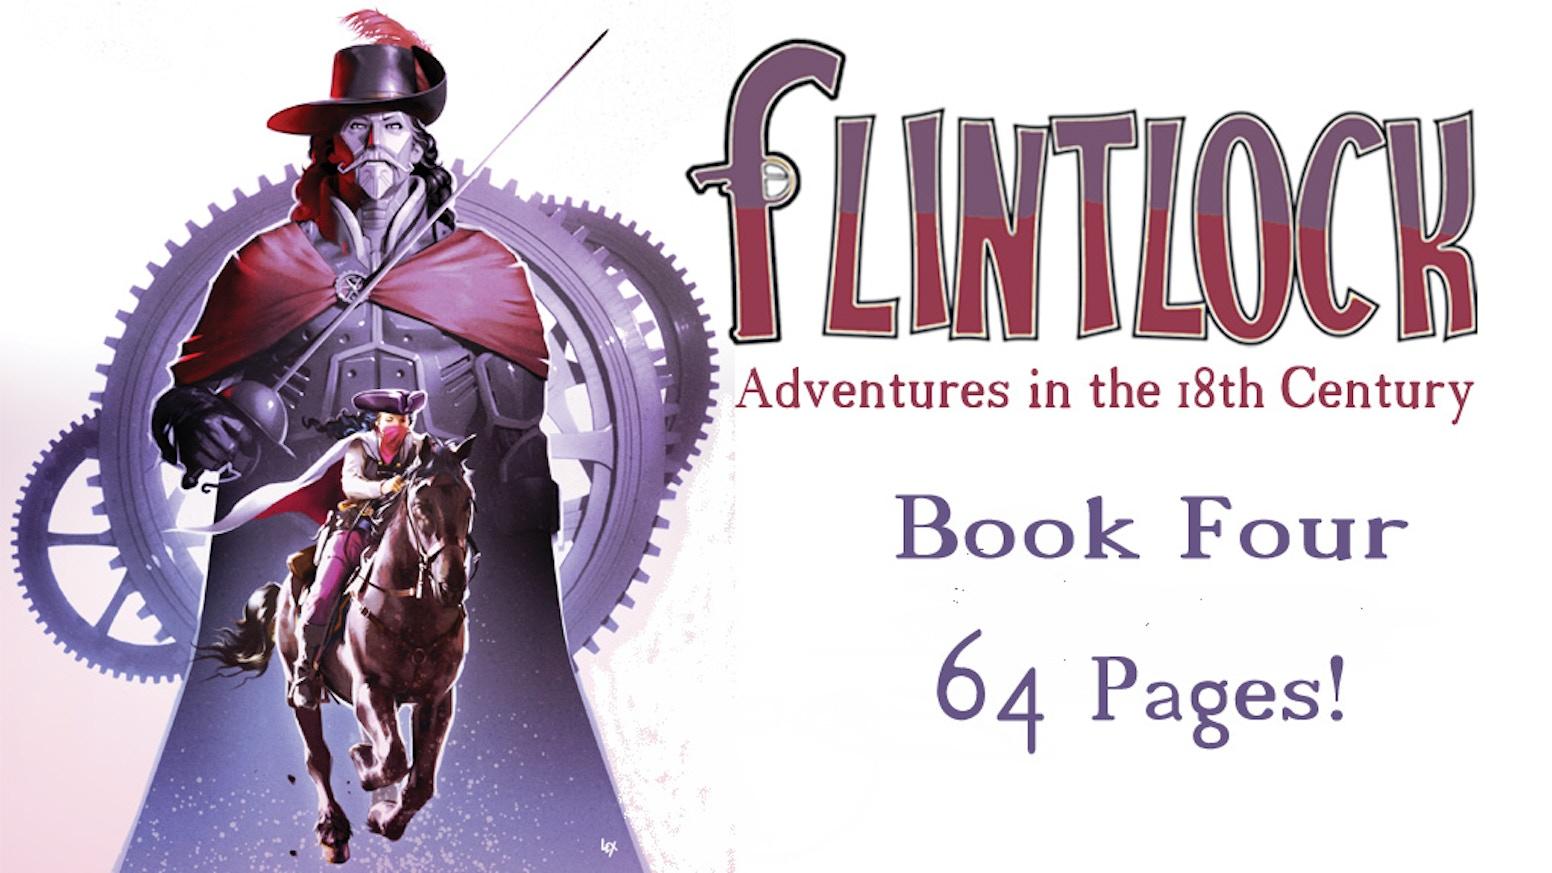 Flintlock Book Four by Steve Tanner — Kickstarter